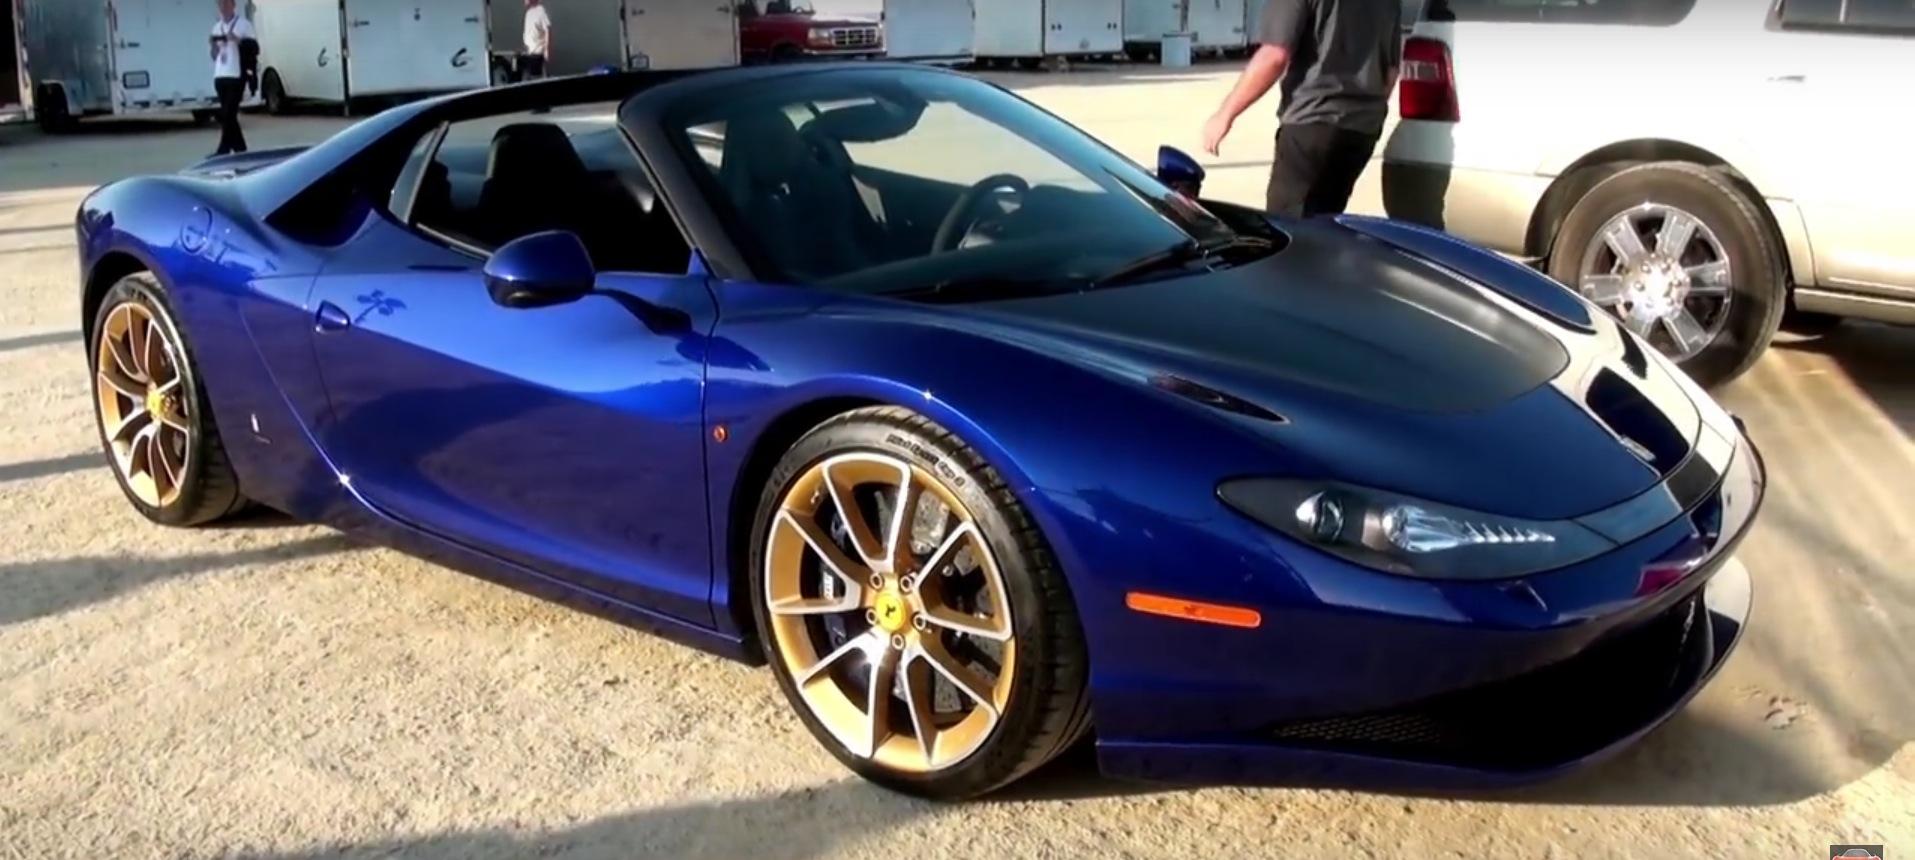 Navy Blue Ferrari Pininfarina Sergio Looks Extremely Rare Autoevolution